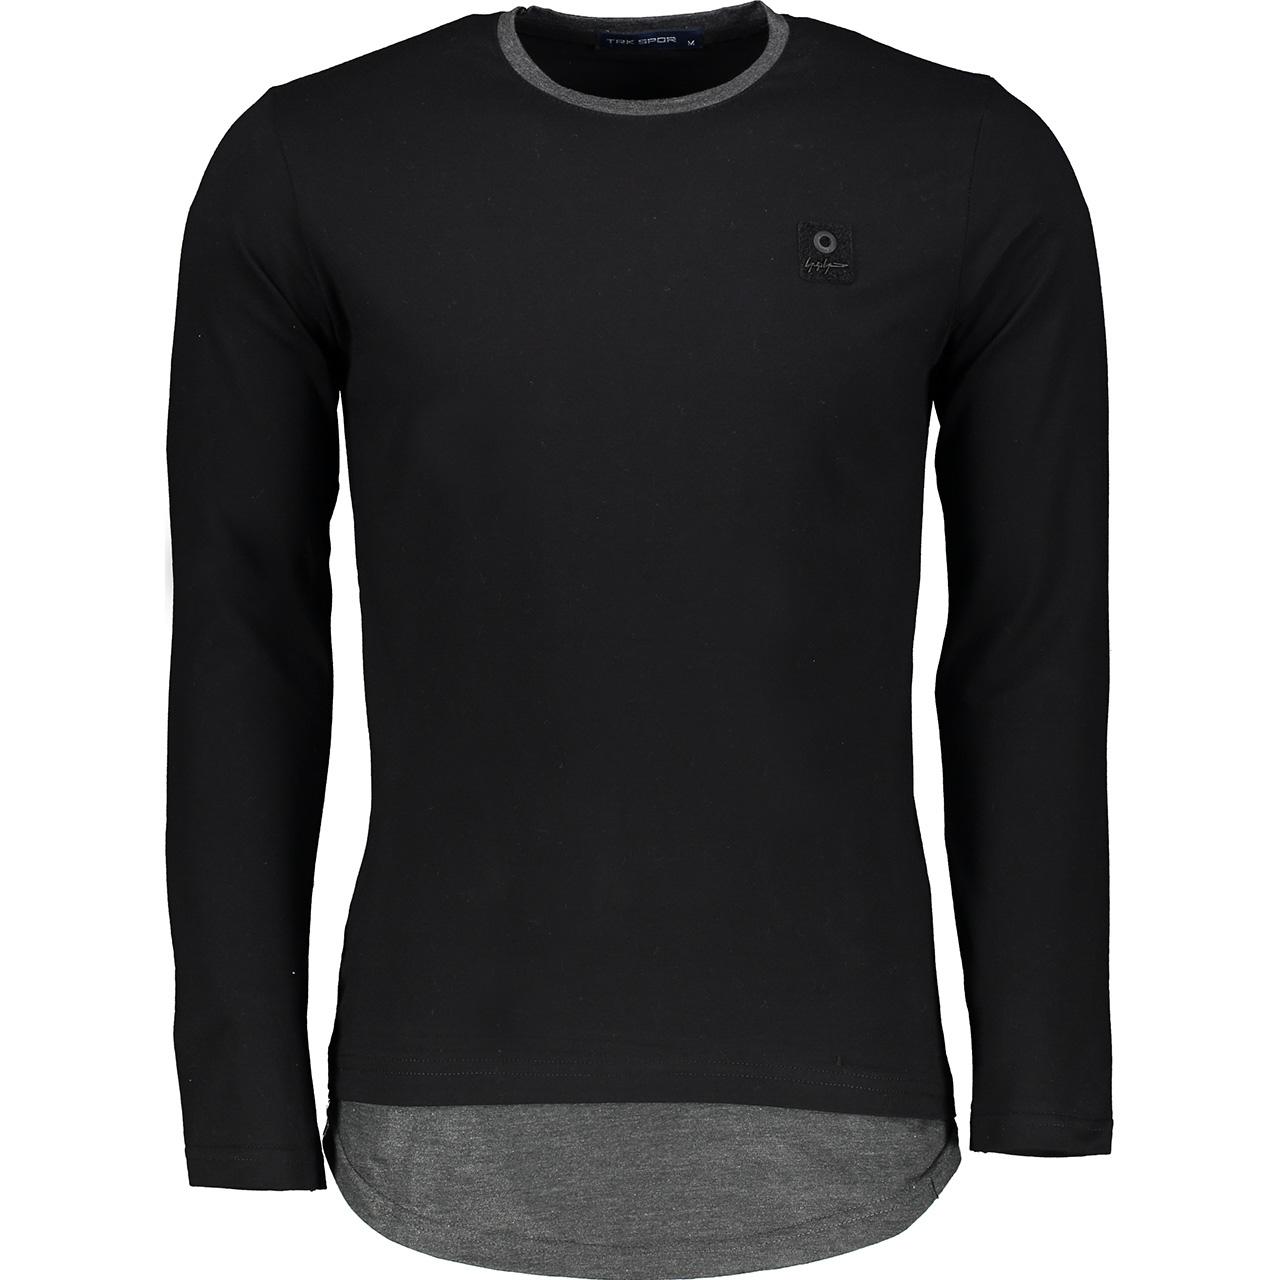 تی شرت آستین بلند مردانه تارکان کد btt 253-1